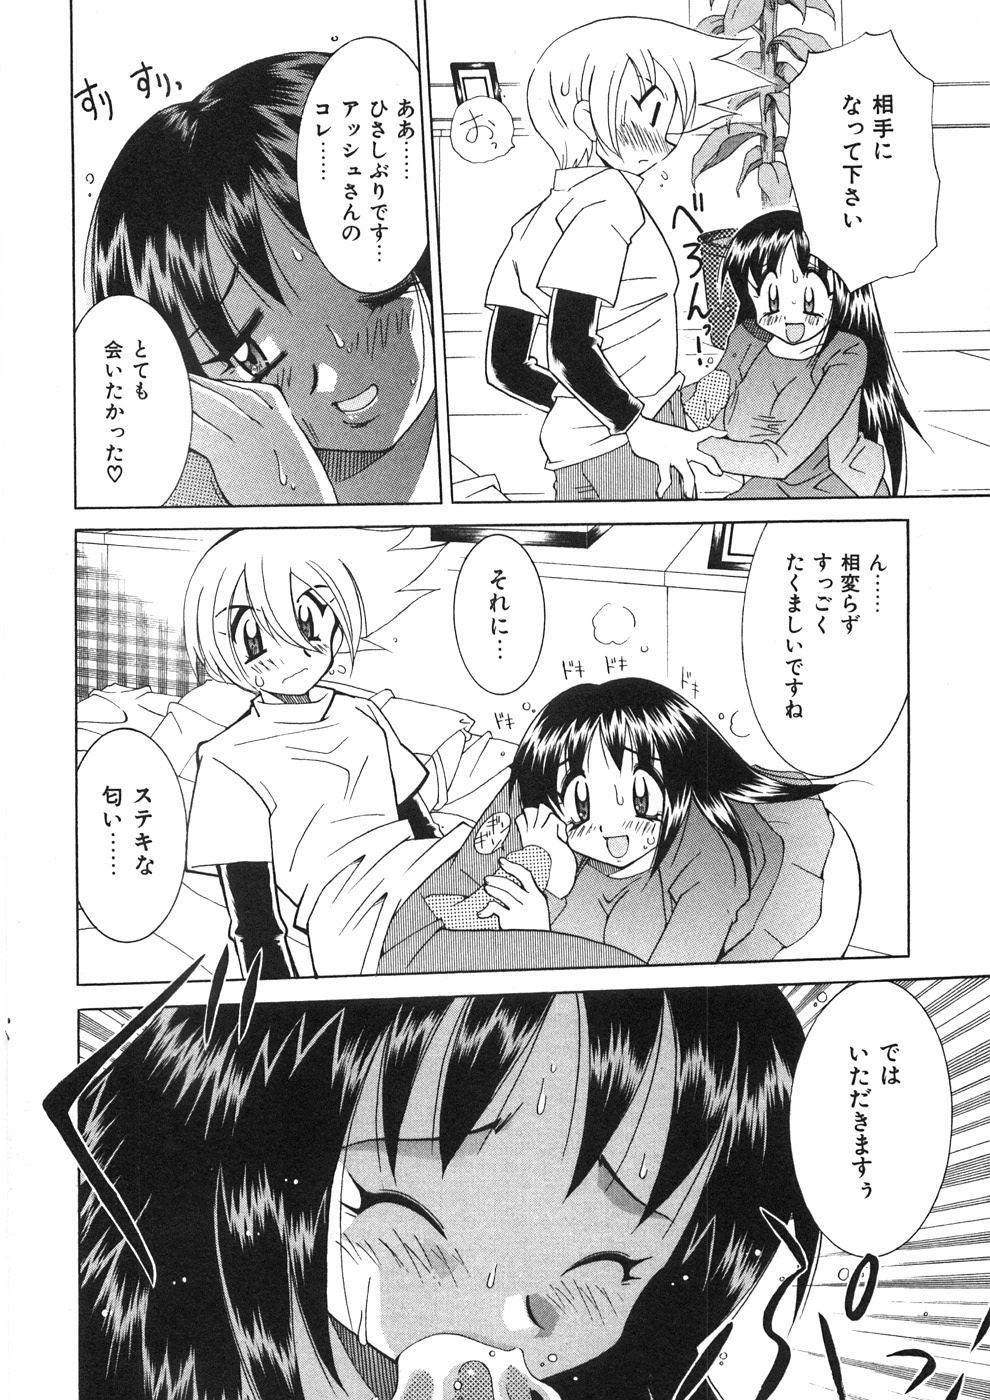 Chichichichi Banban 142